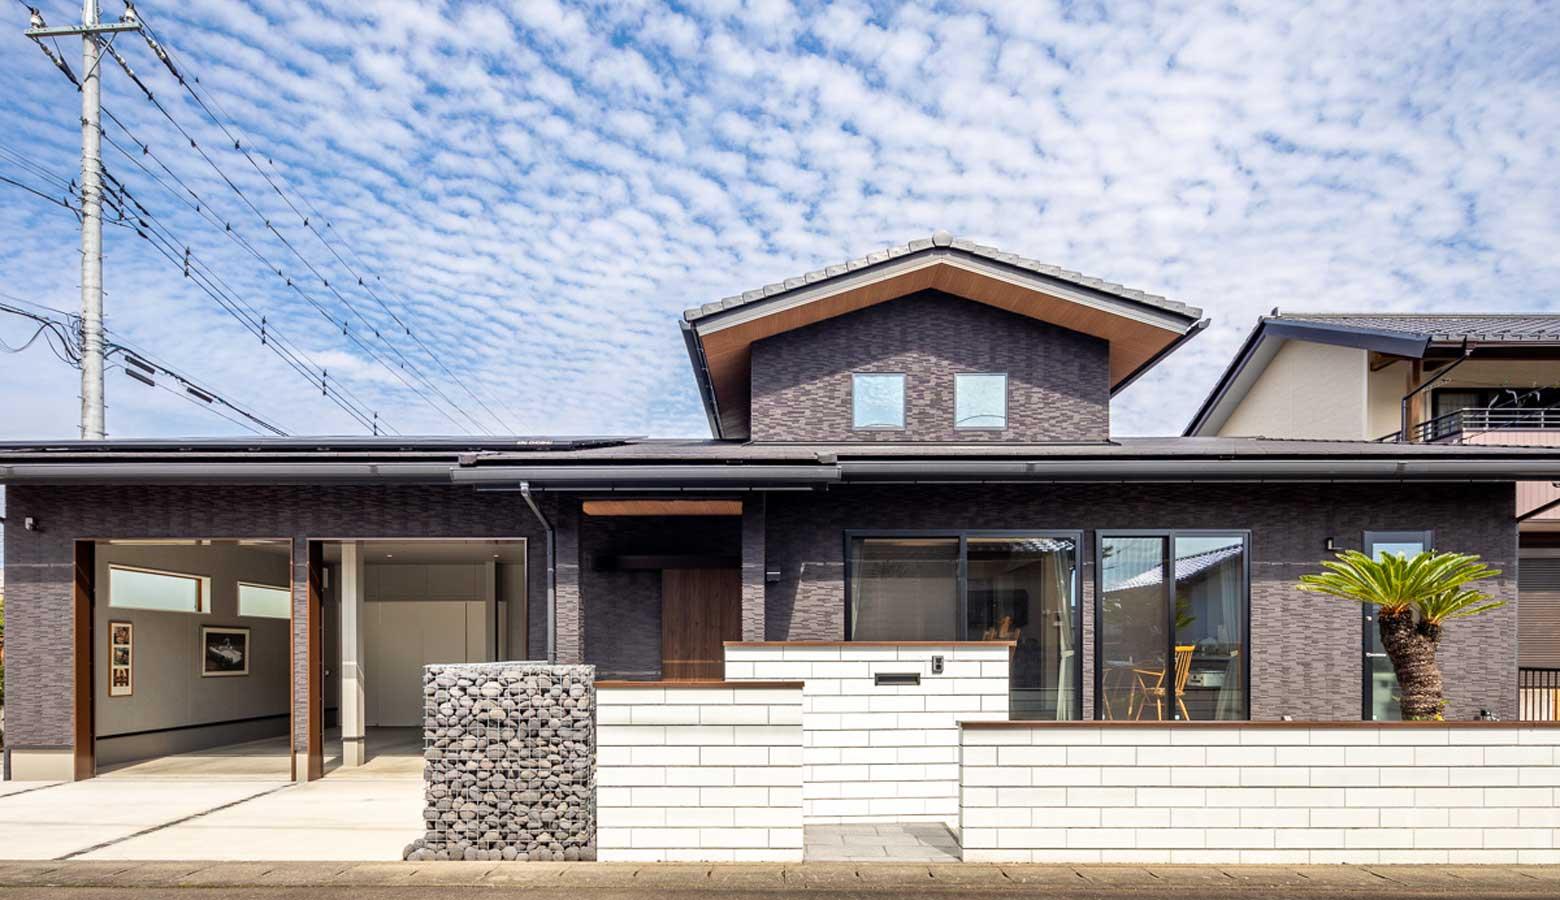 住宅とブロック塀ブリエの美しいコントラスト